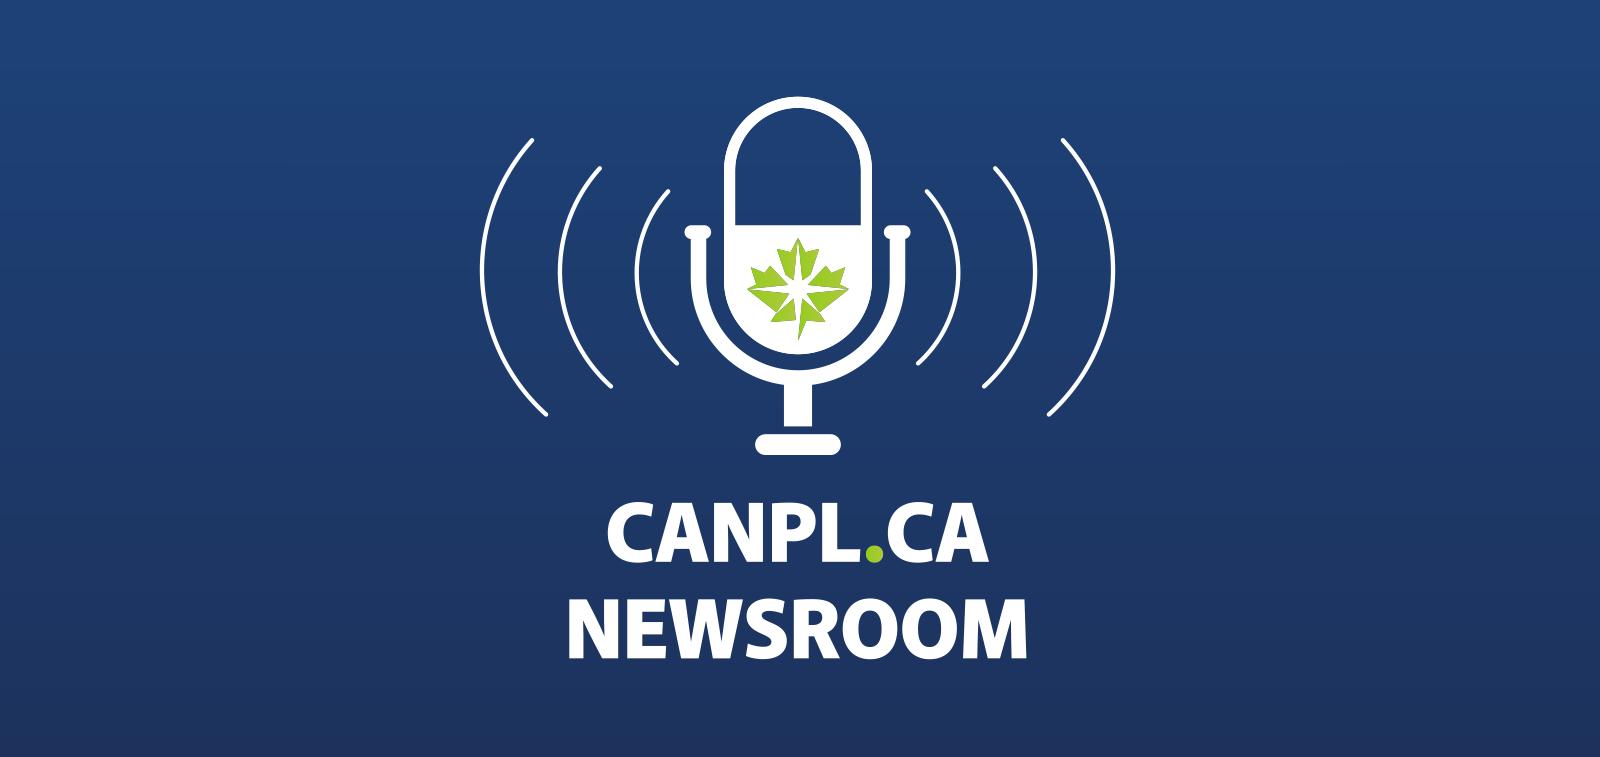 CanPL.ca Newsroom.